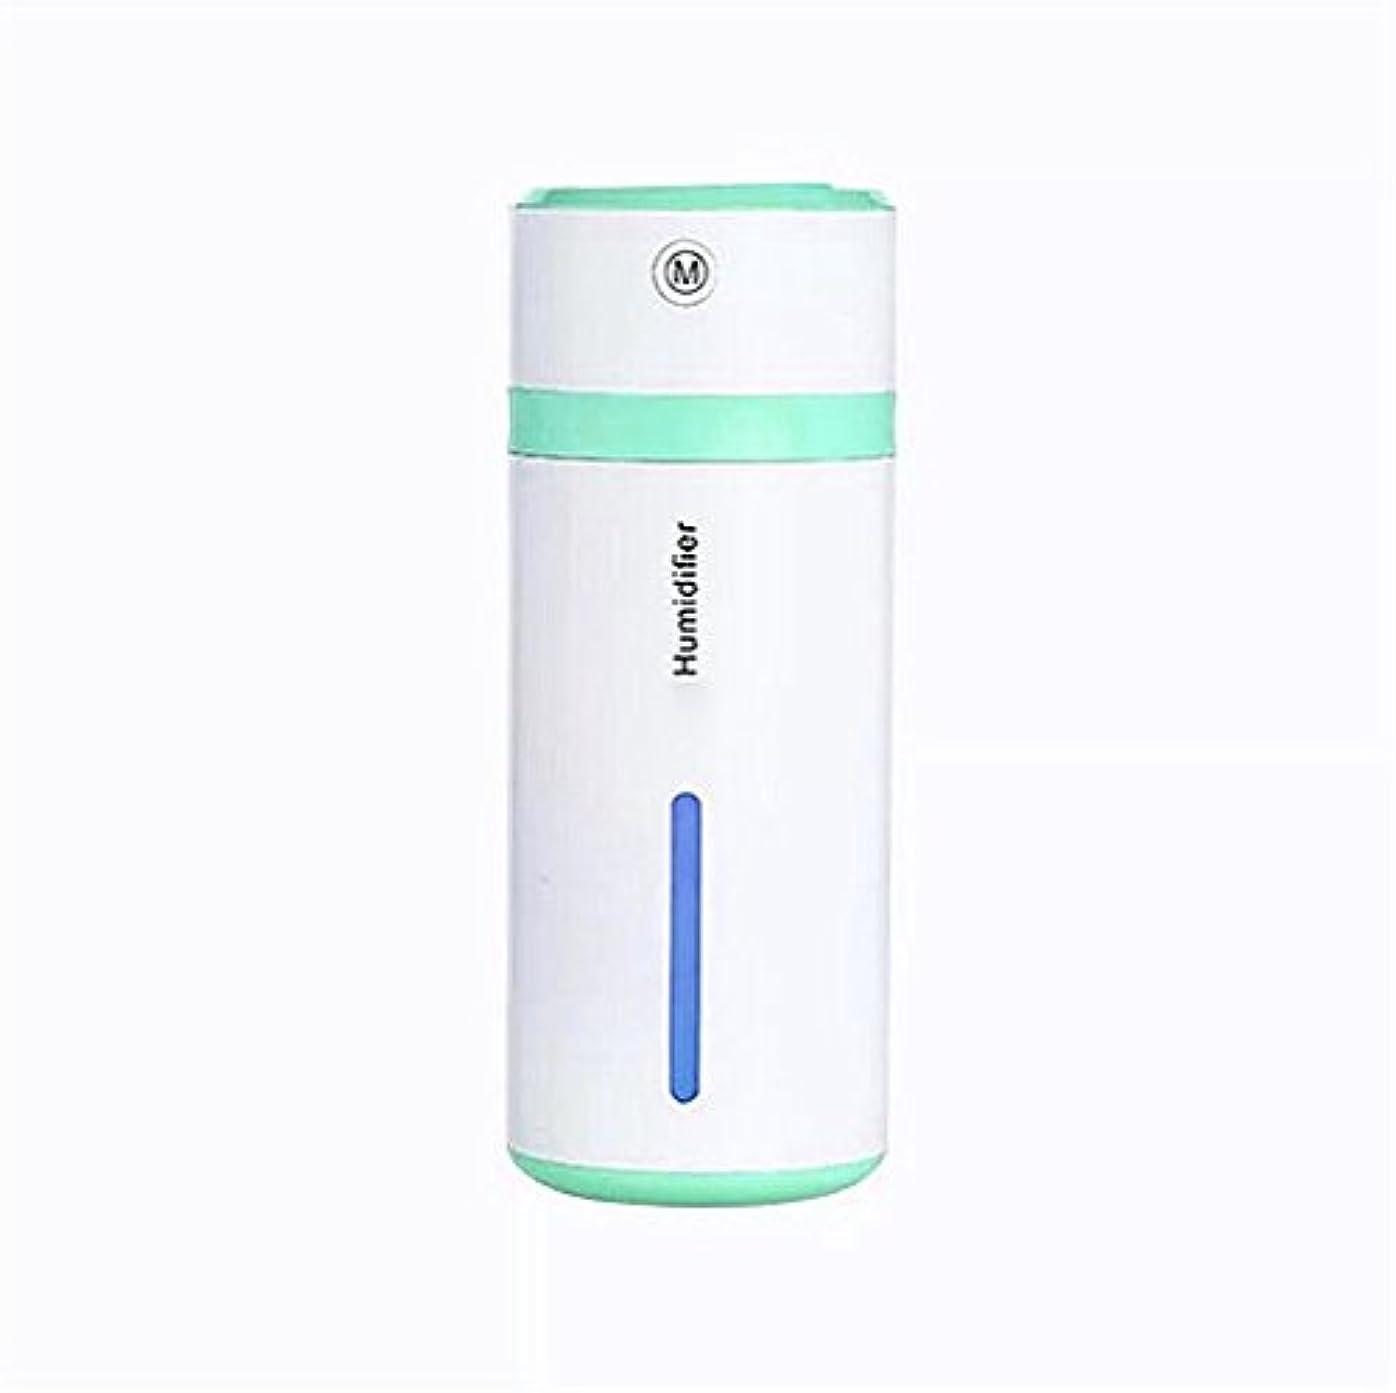 クールミスト超音波加湿器とアロマディフューザー騒音とLEDライト、あなたの家やオフィス用